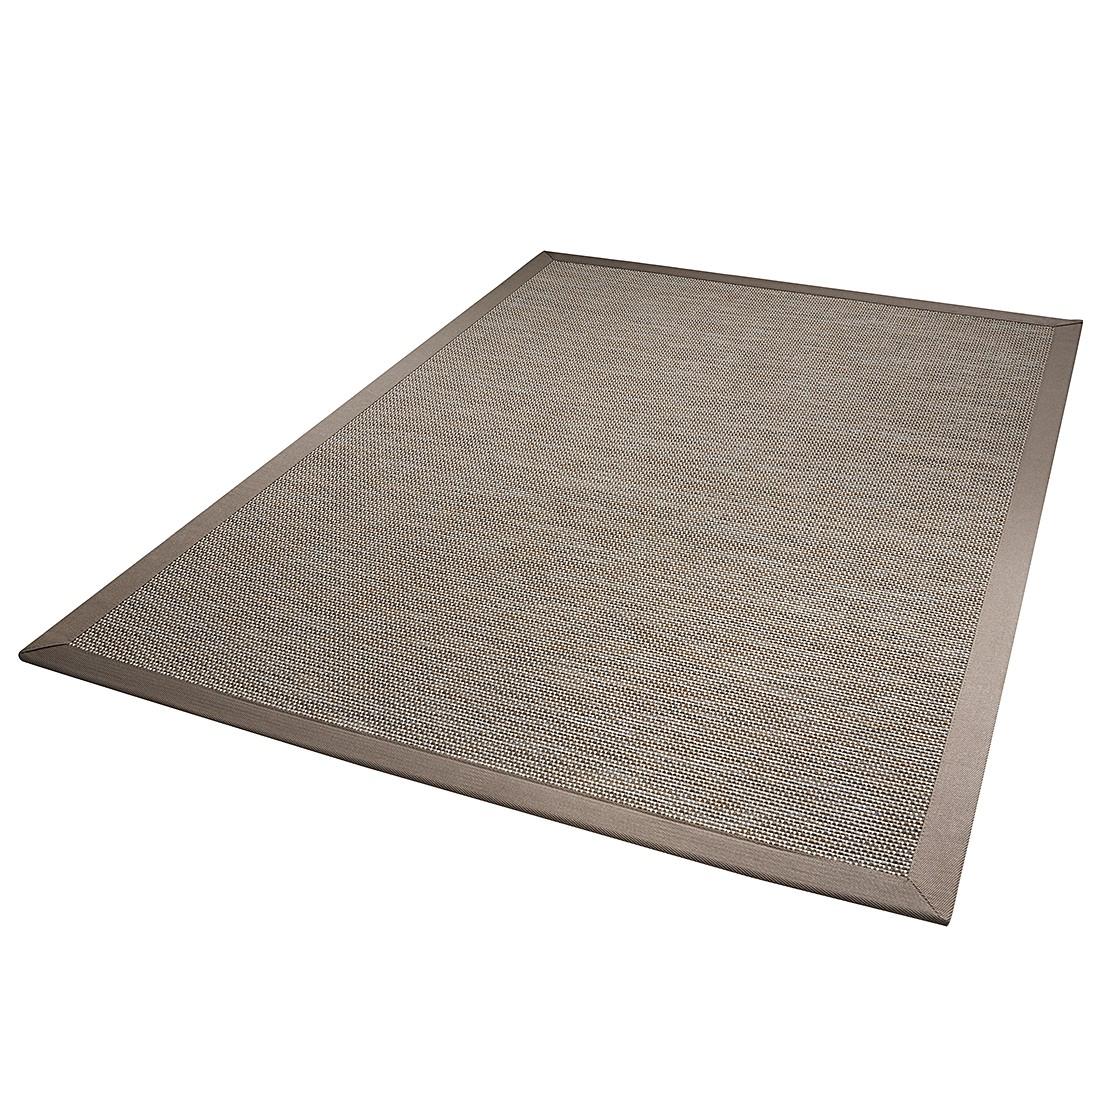 In-/Outdoorteppich Naturino Color – Grau – 80 x 250 cm, DEKOWE günstig